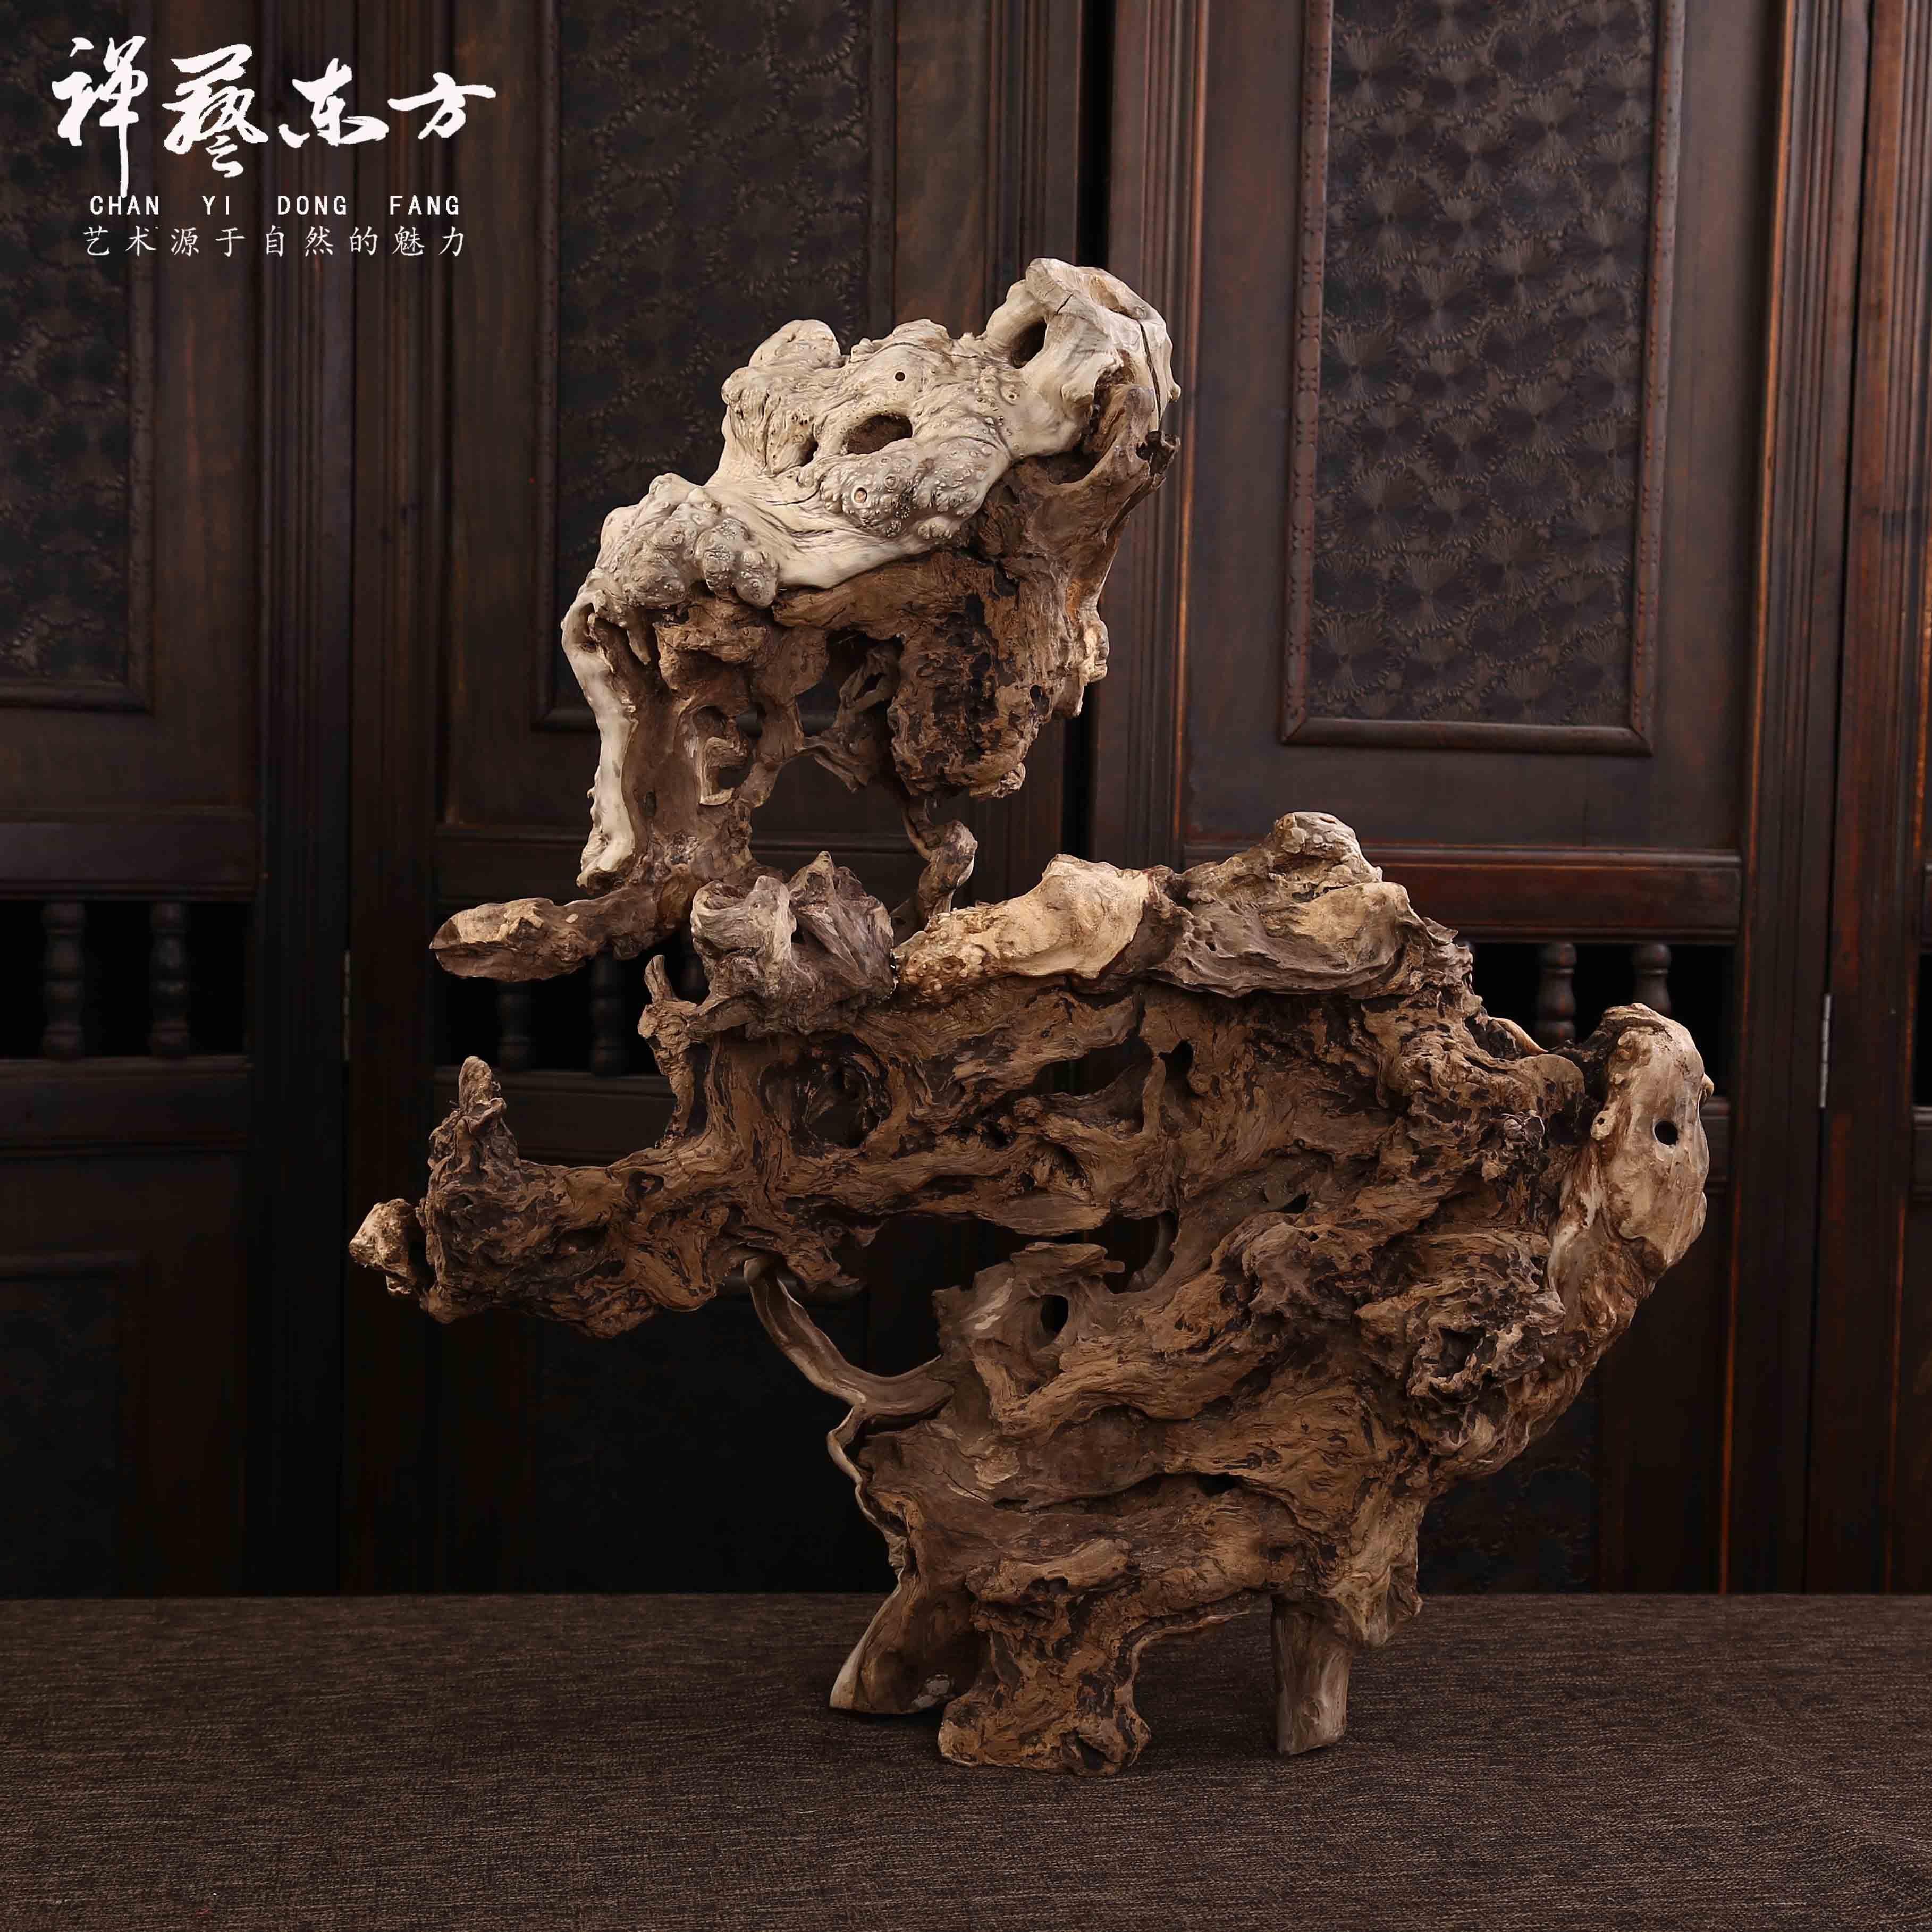 禅意中式玄关摆件风化枯木创意根雕艺术客厅电视柜品